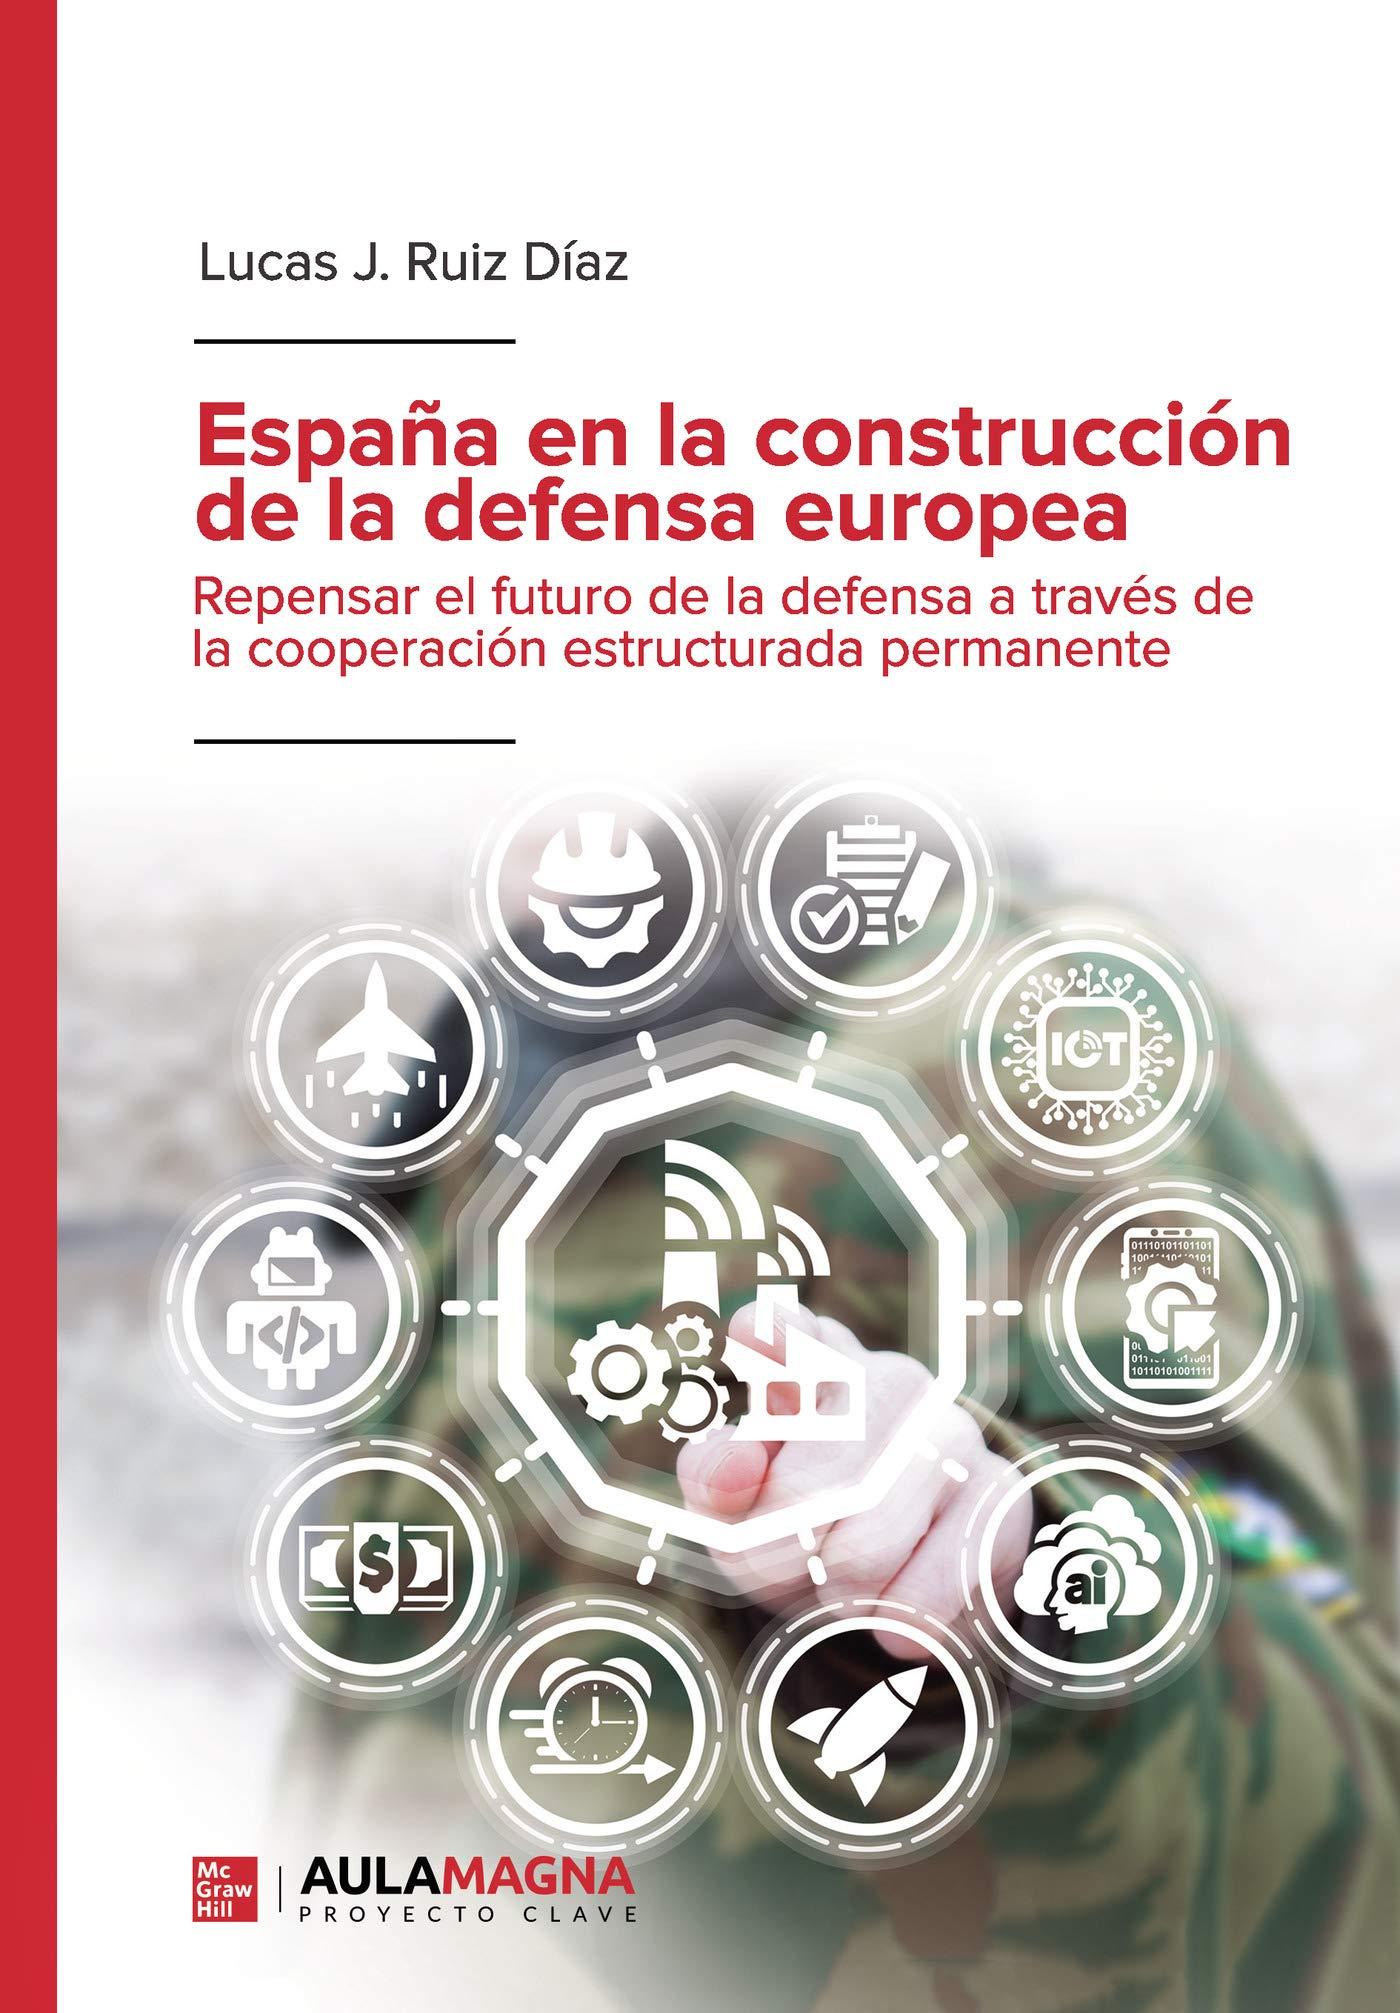 España en la construcción de la defensa europea: Repensar el futuro de la defensa a través de la cooperación estructurada permanente: Amazon.es: Ruiz, Lucas J.: Libros